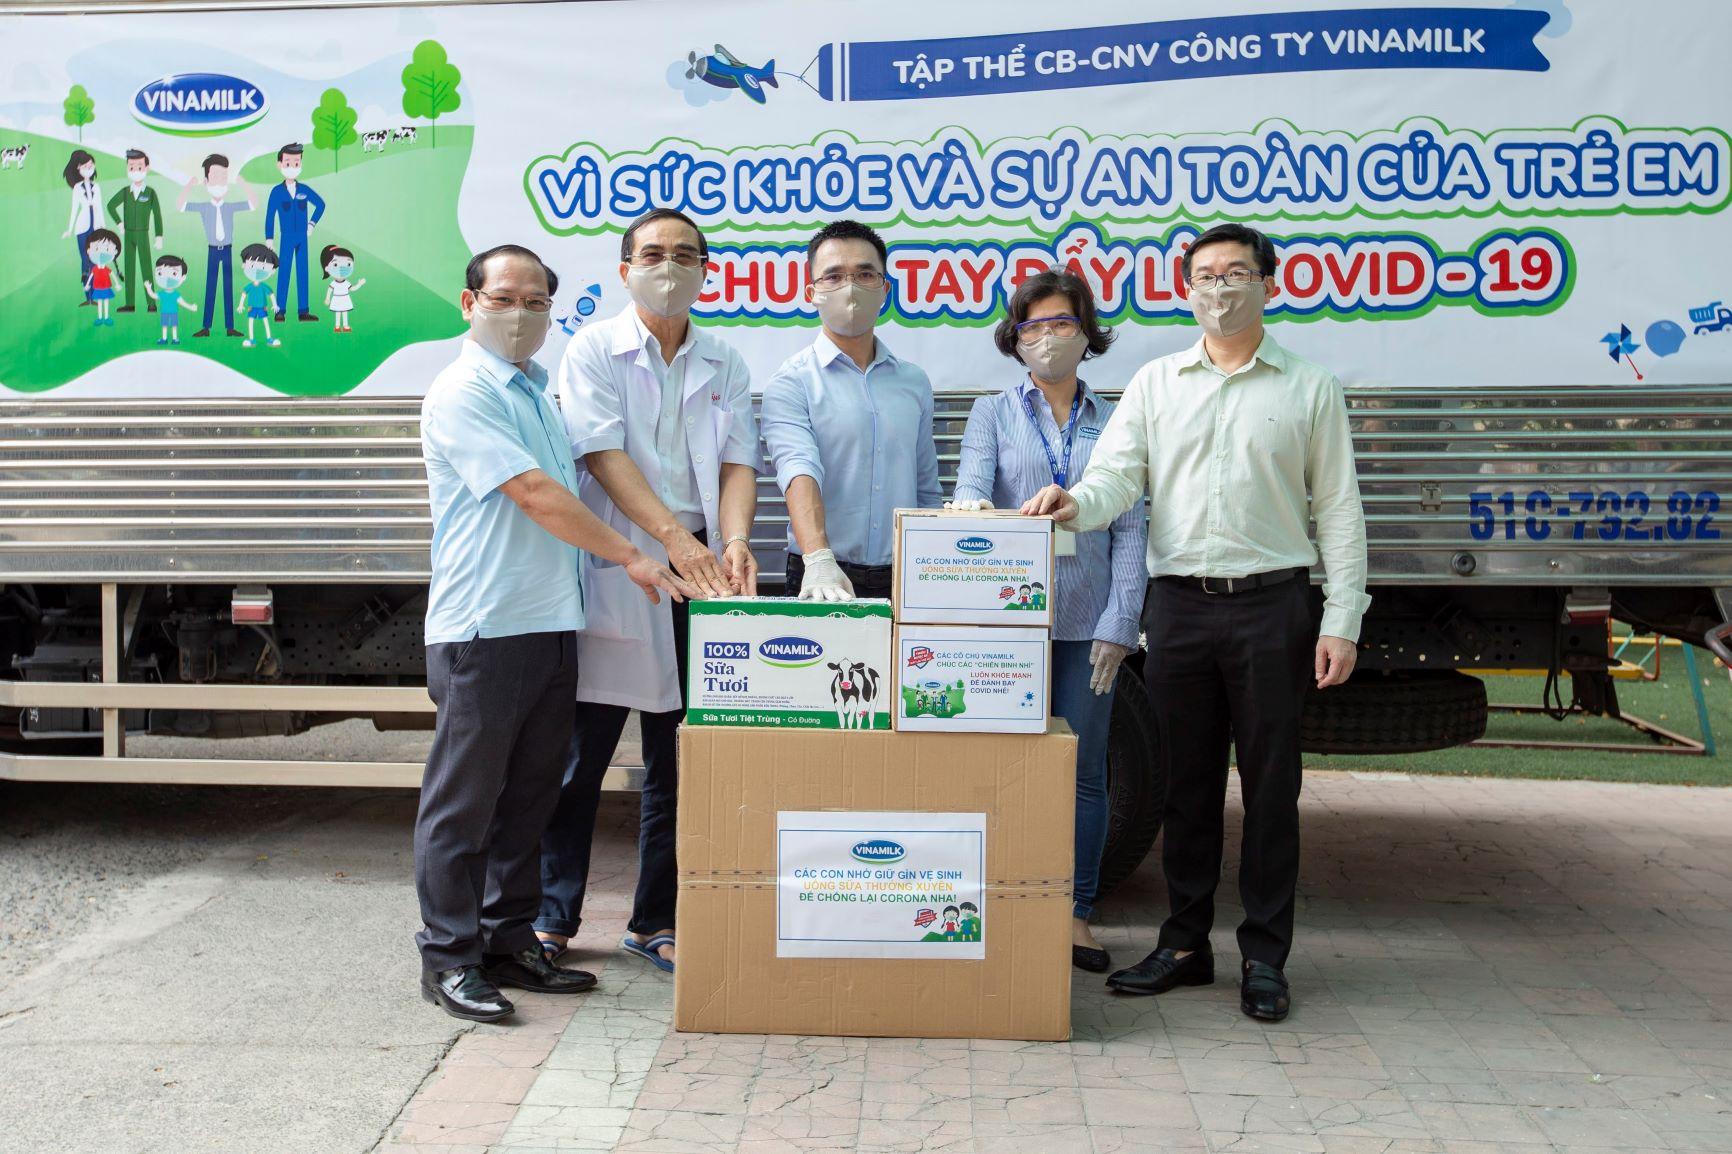 Vinamilk vững vàng vị trí dẫn đầu Top doanh nghiệp phát triển bền vững Việt Nam năm 2020 8